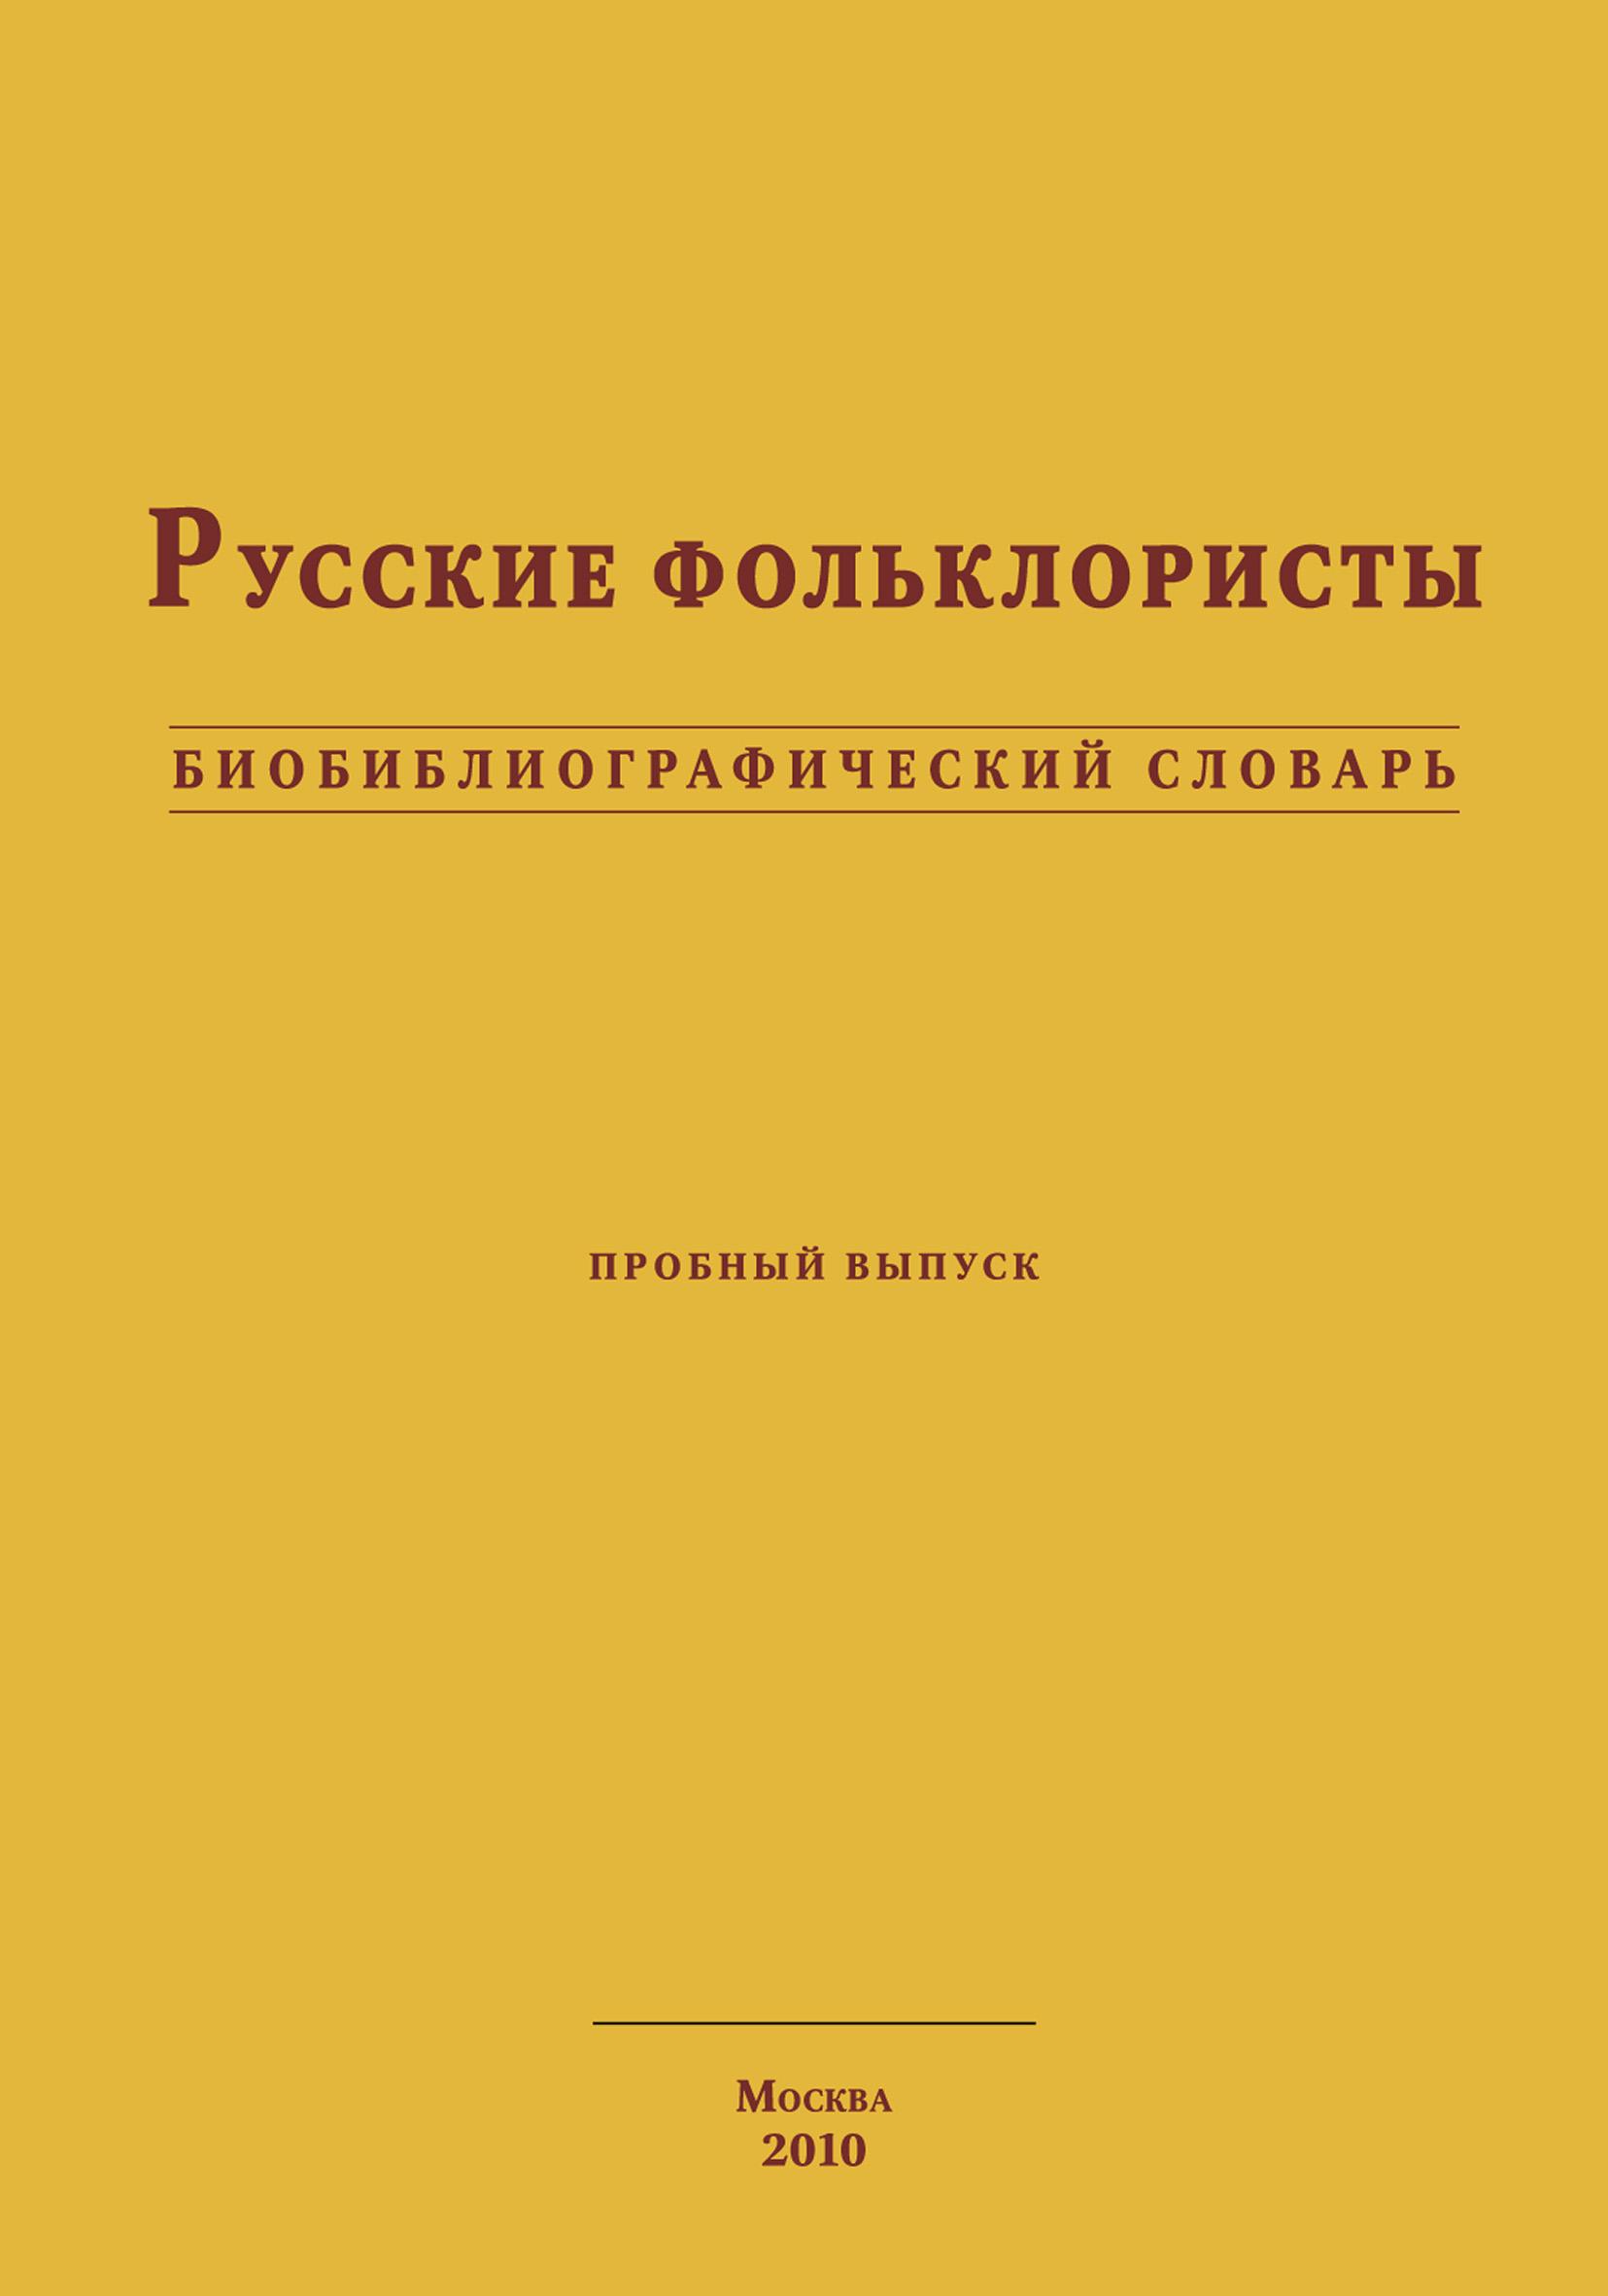 Коллектив авторов Русские фольклористы. Биобиблиографический словарь цена